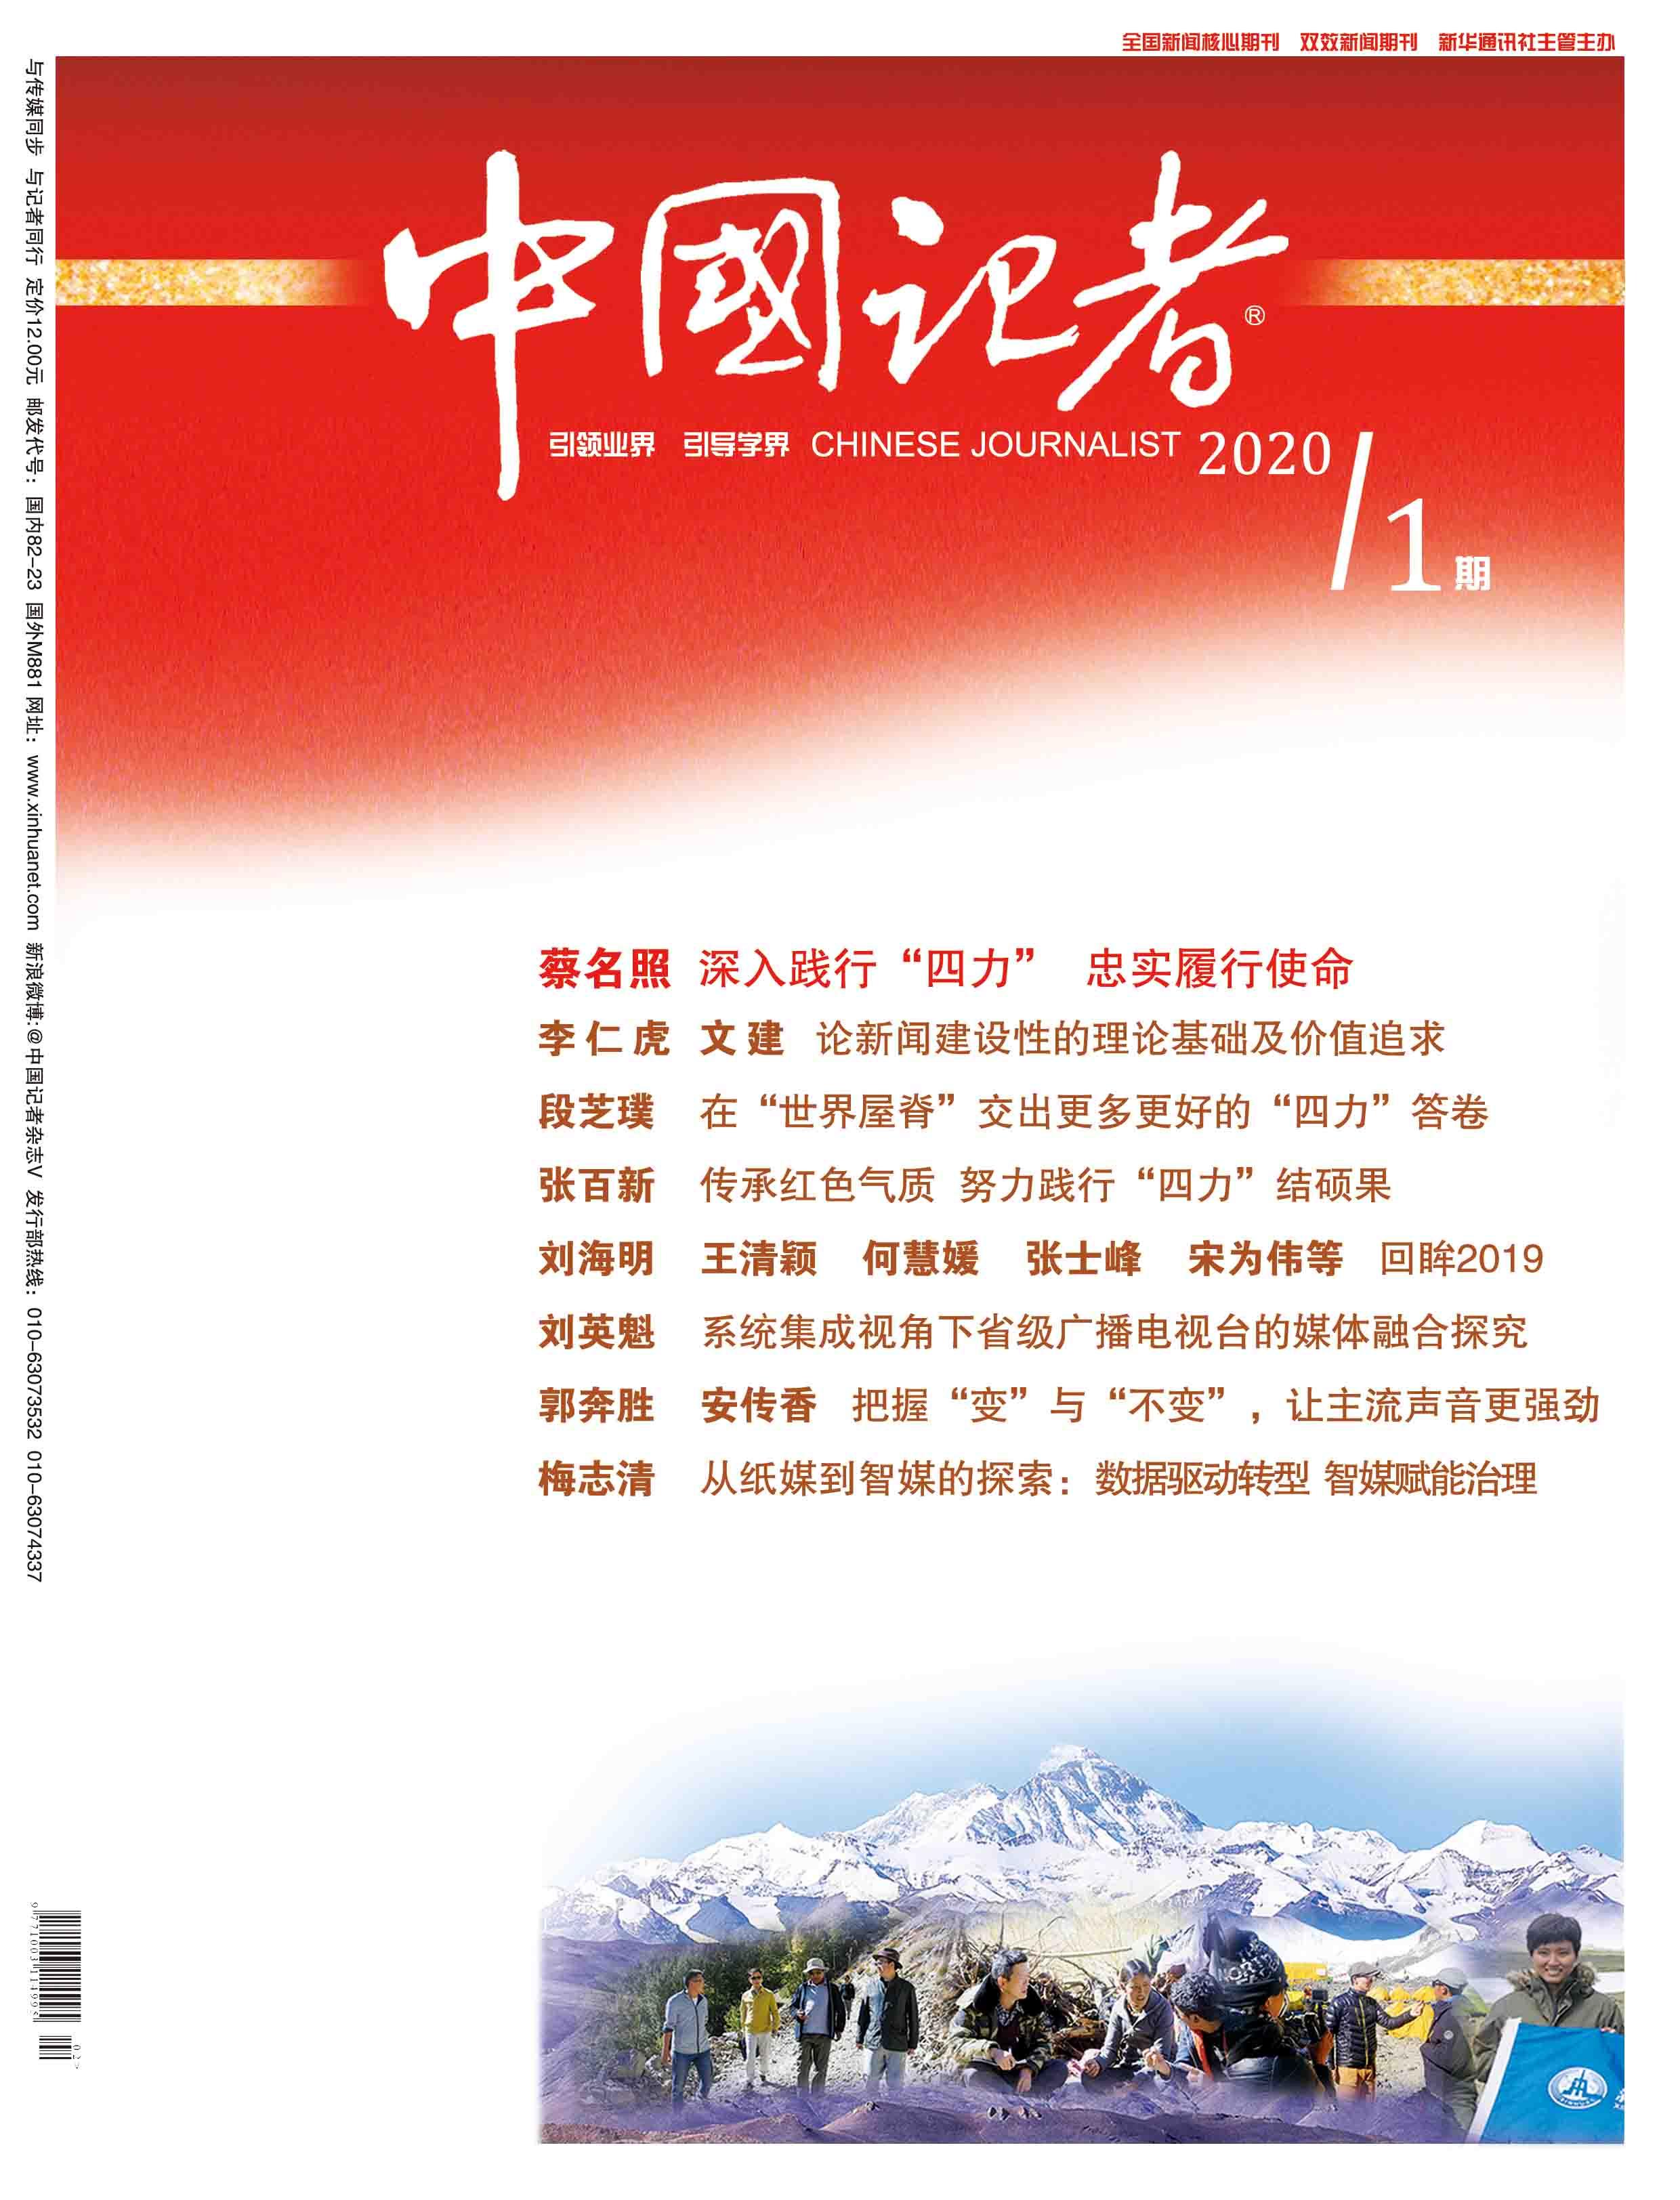 中國記者2020年第1期封面